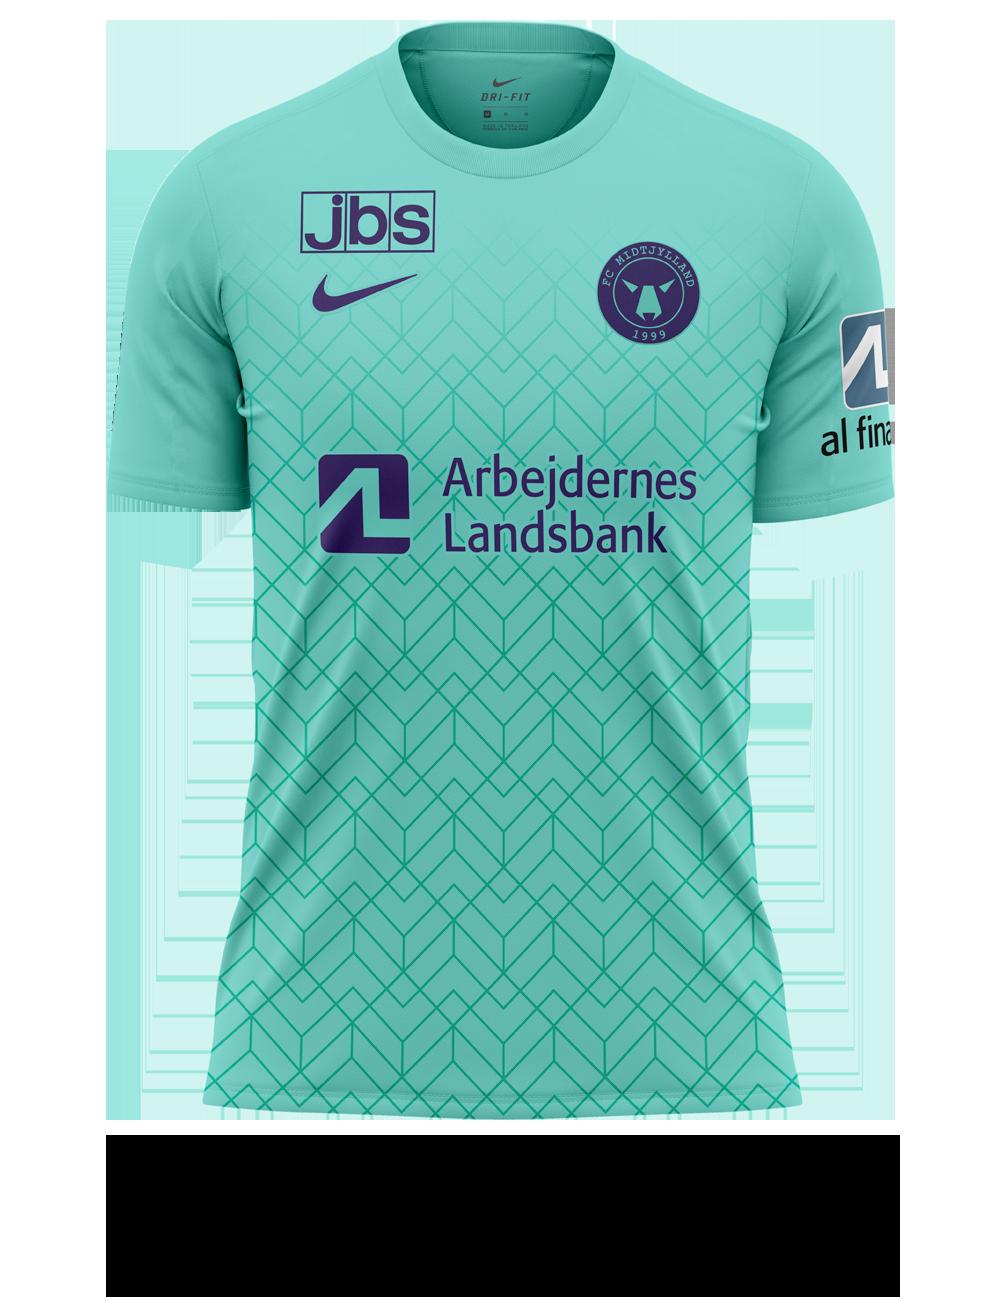 Camisa reserva do FC Midtjylland 2021-2022 é apresentada pela Nike